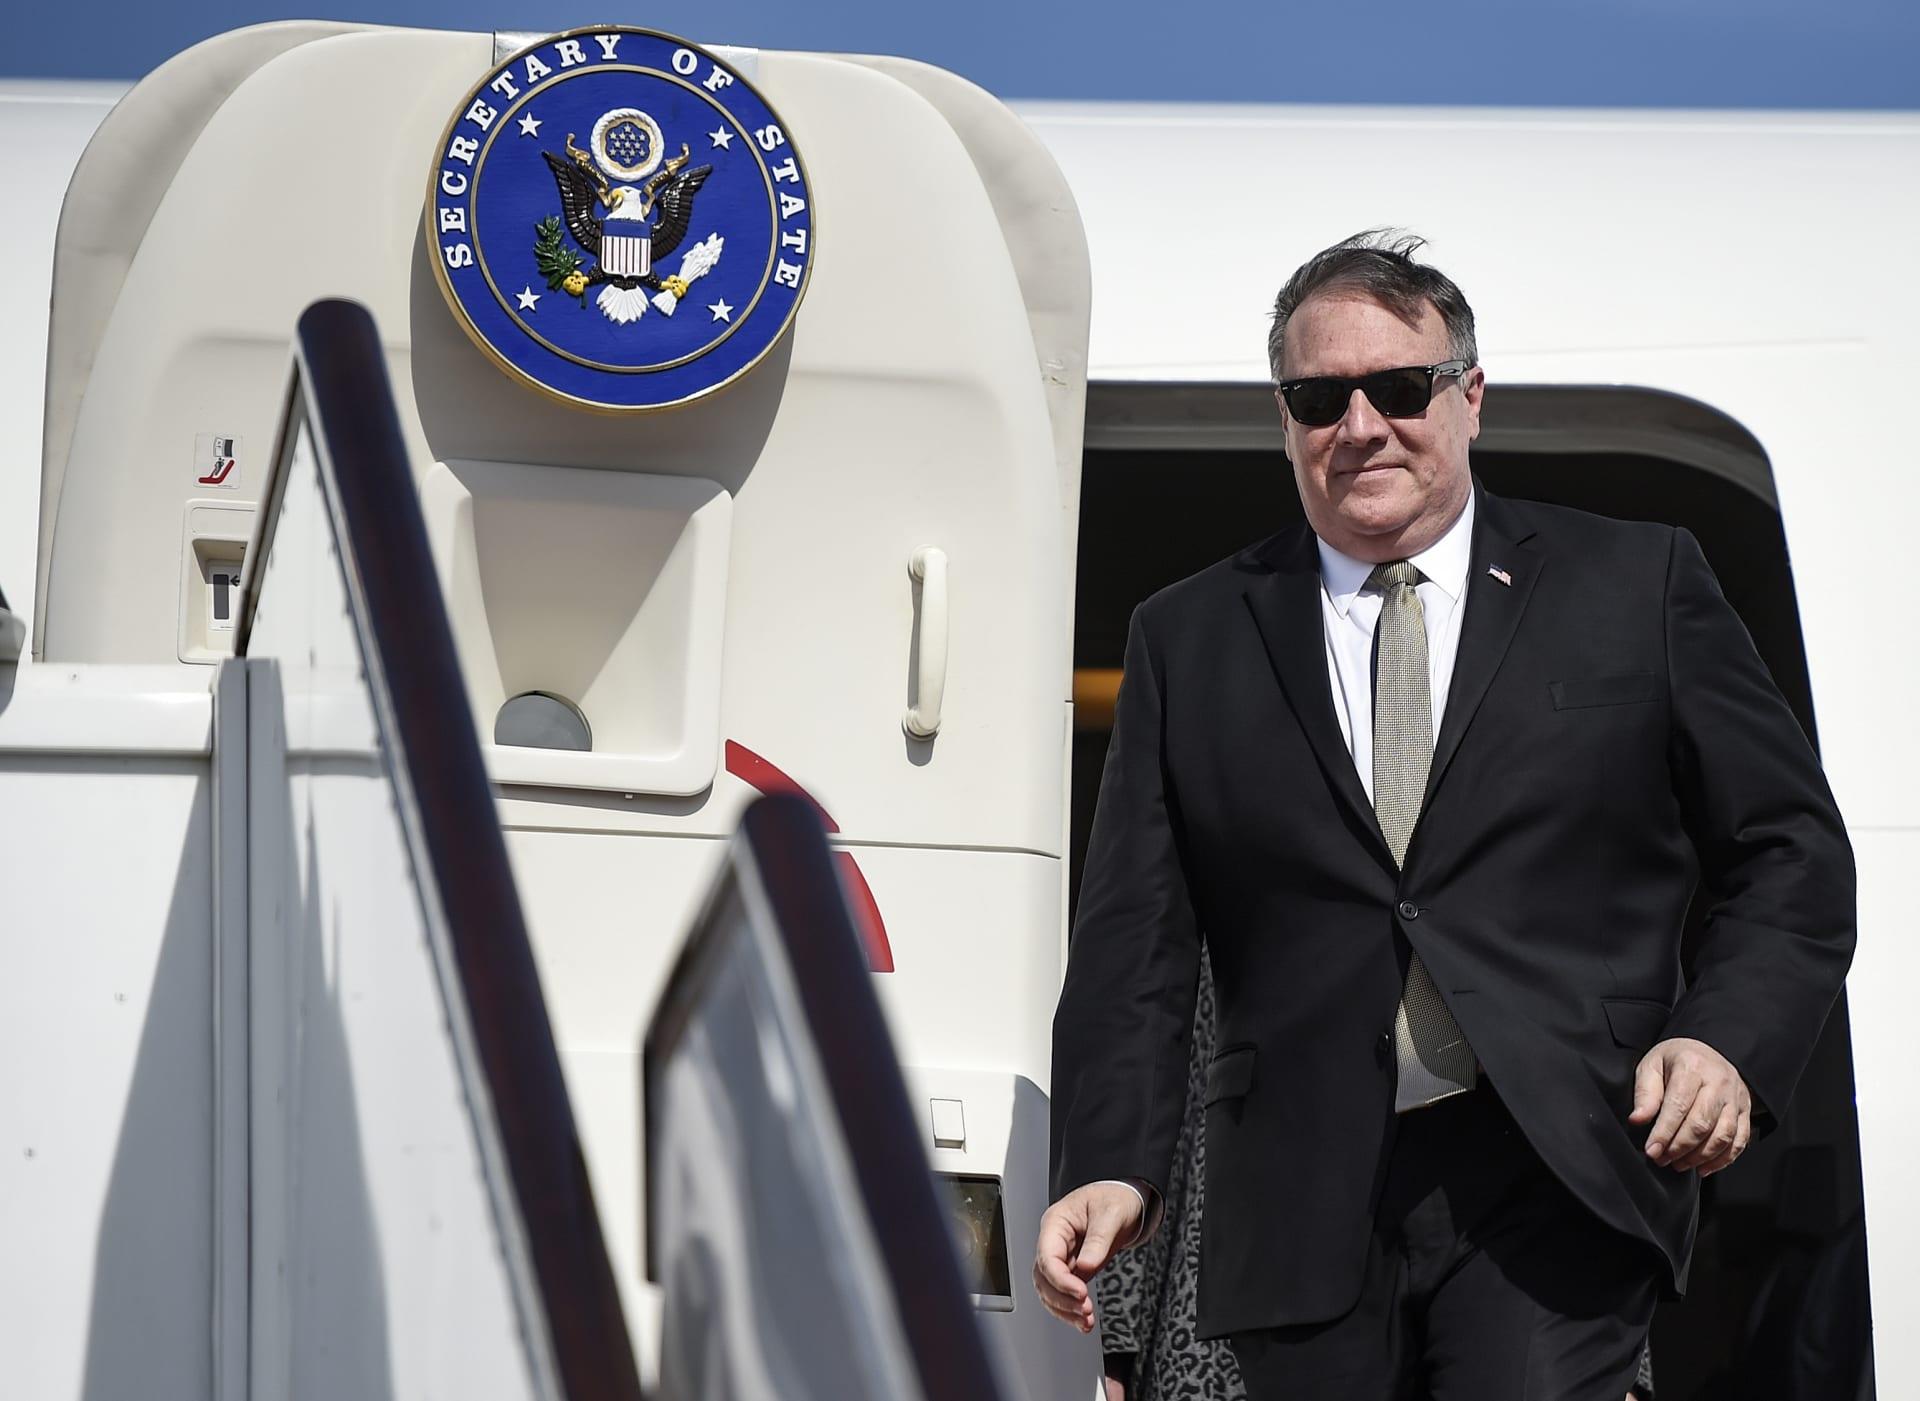 الخارجية الأمريكية: وحدة مجلس التعاون الخليجي ضرورية لمواجهة أكبر تهديد